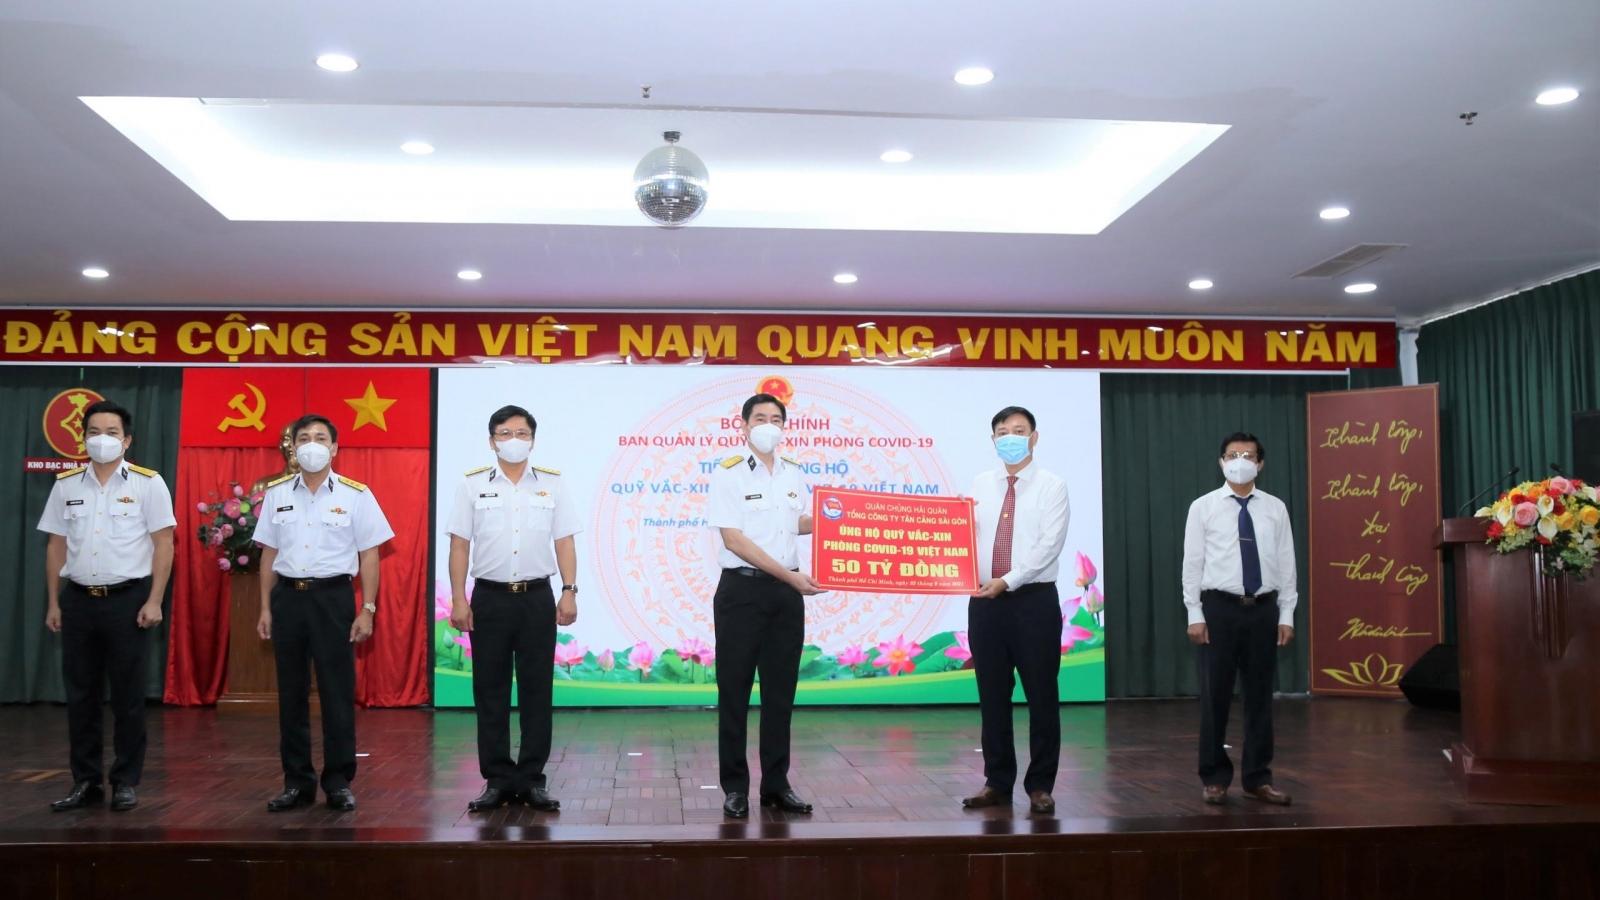 """Tân Cảng Sài Gòn ủng hộ 50 tỷ đồng vào """"Quỹ vaccine phòng, chống Covid-19"""""""